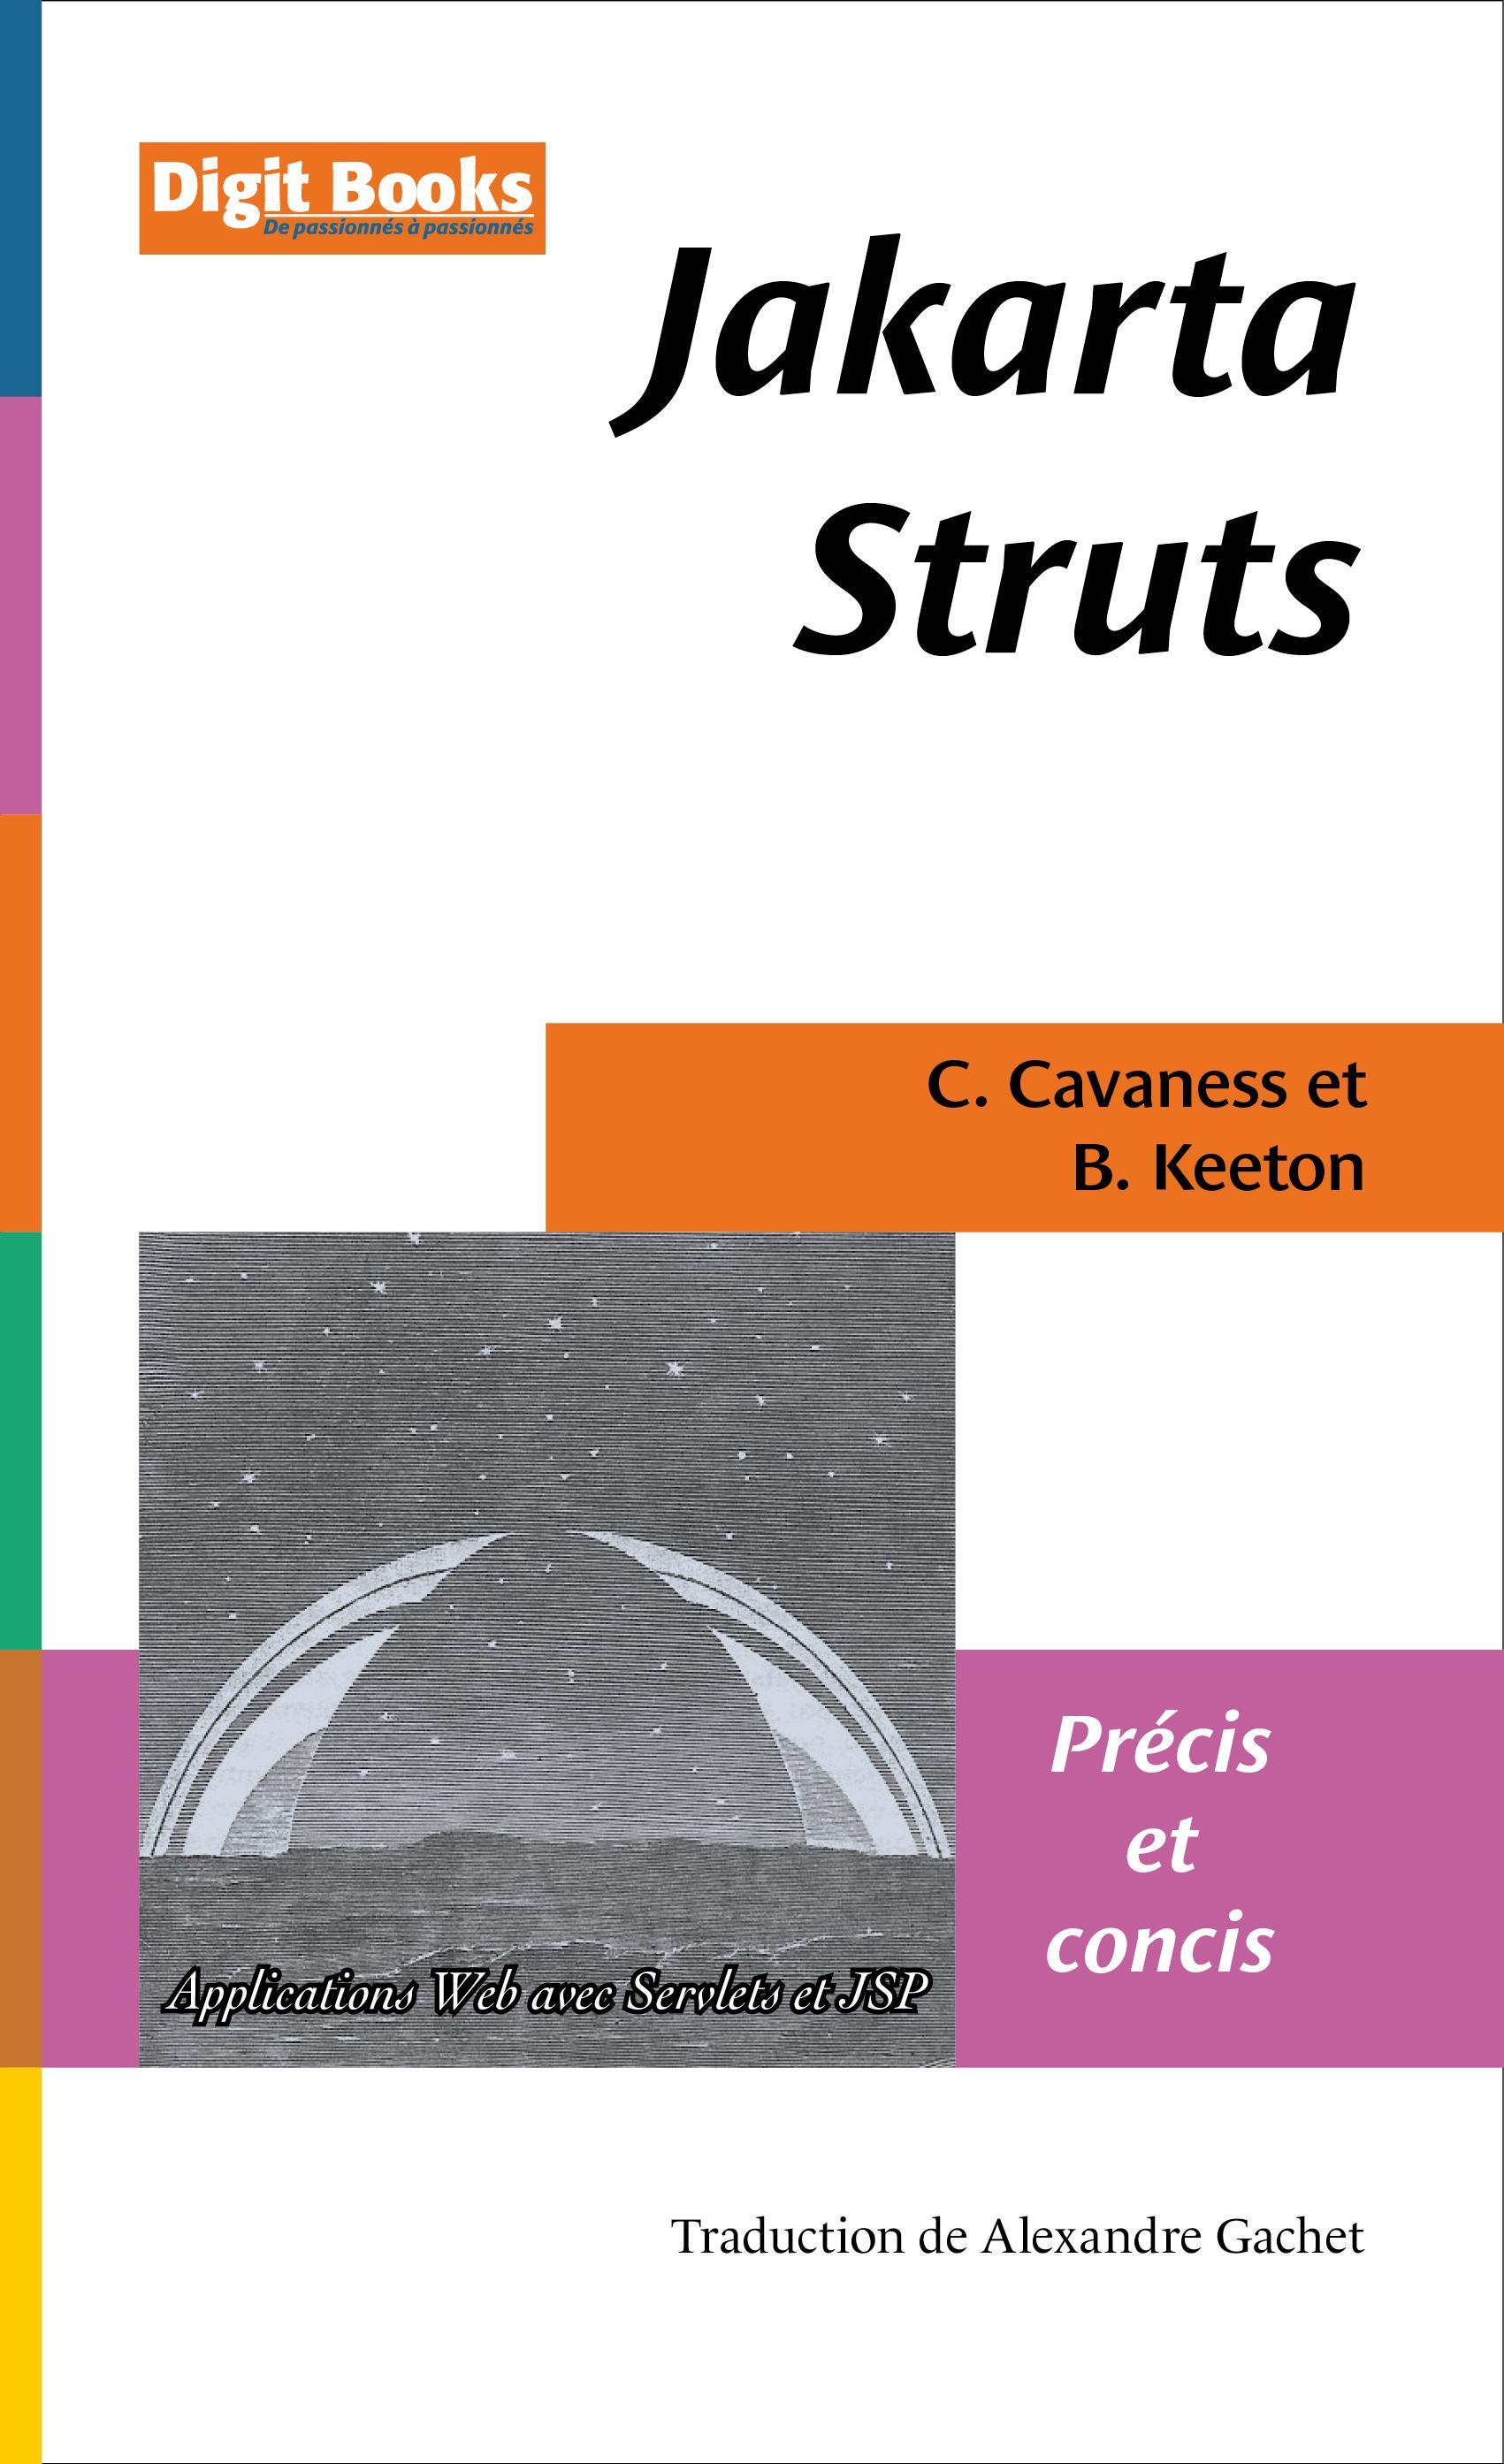 Jakarta Struts - Précis et concis